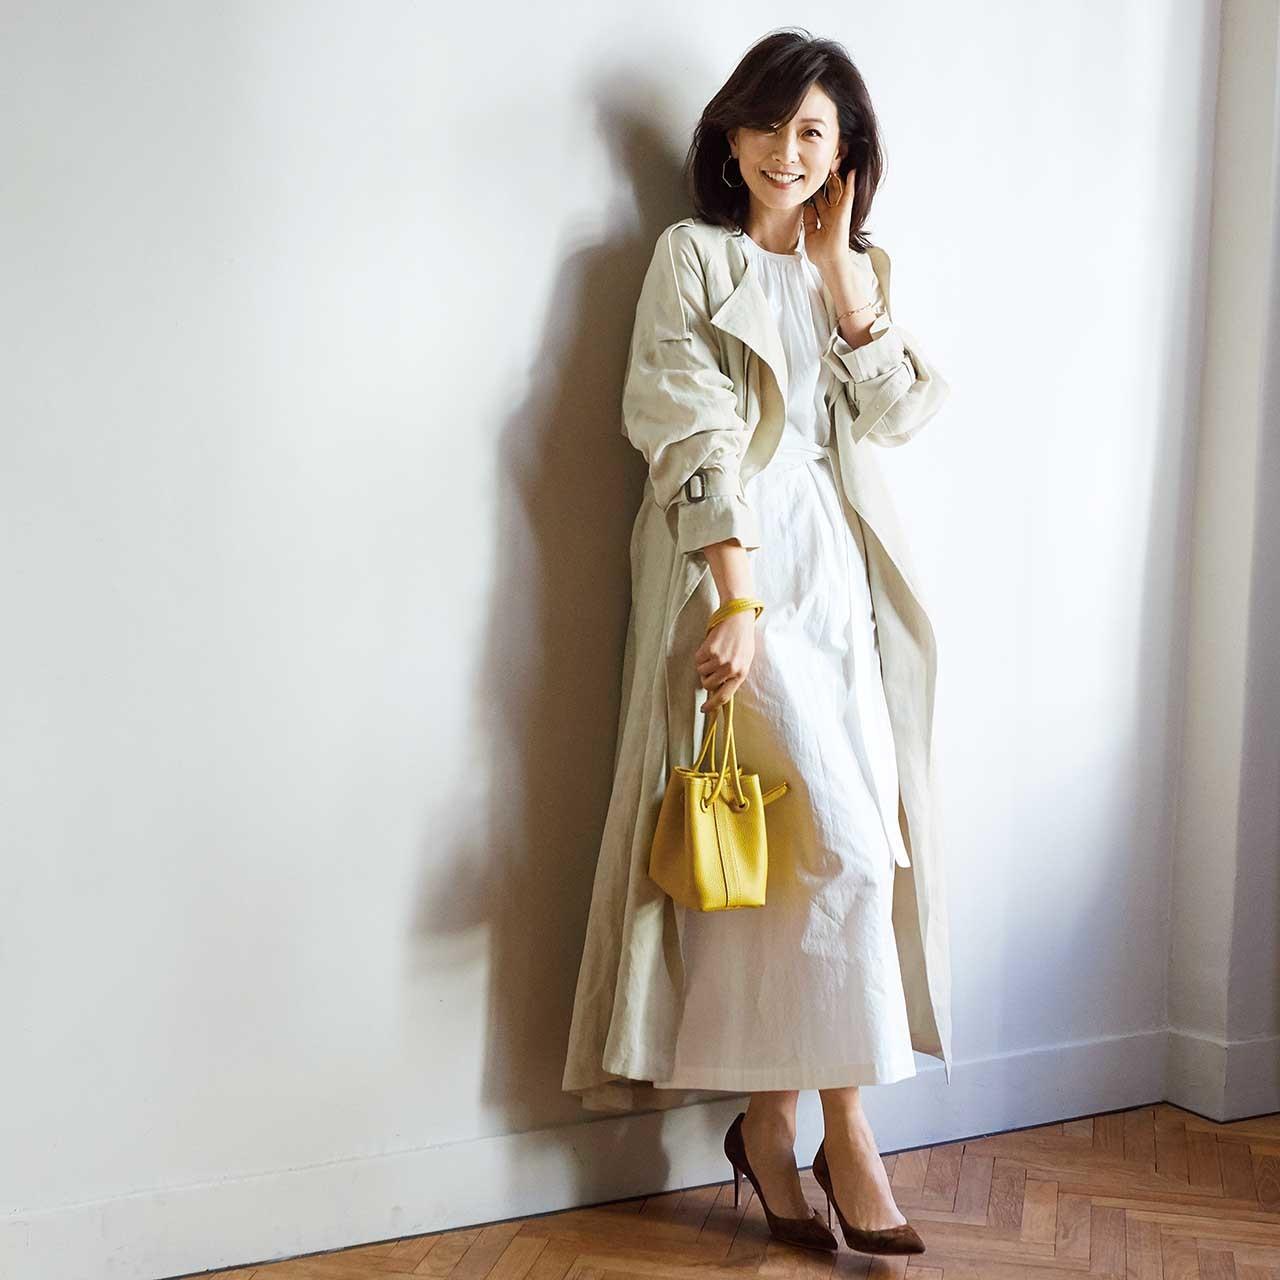 ロングワンピース×ロングコートコーデを着たモデルの五明祐子さん